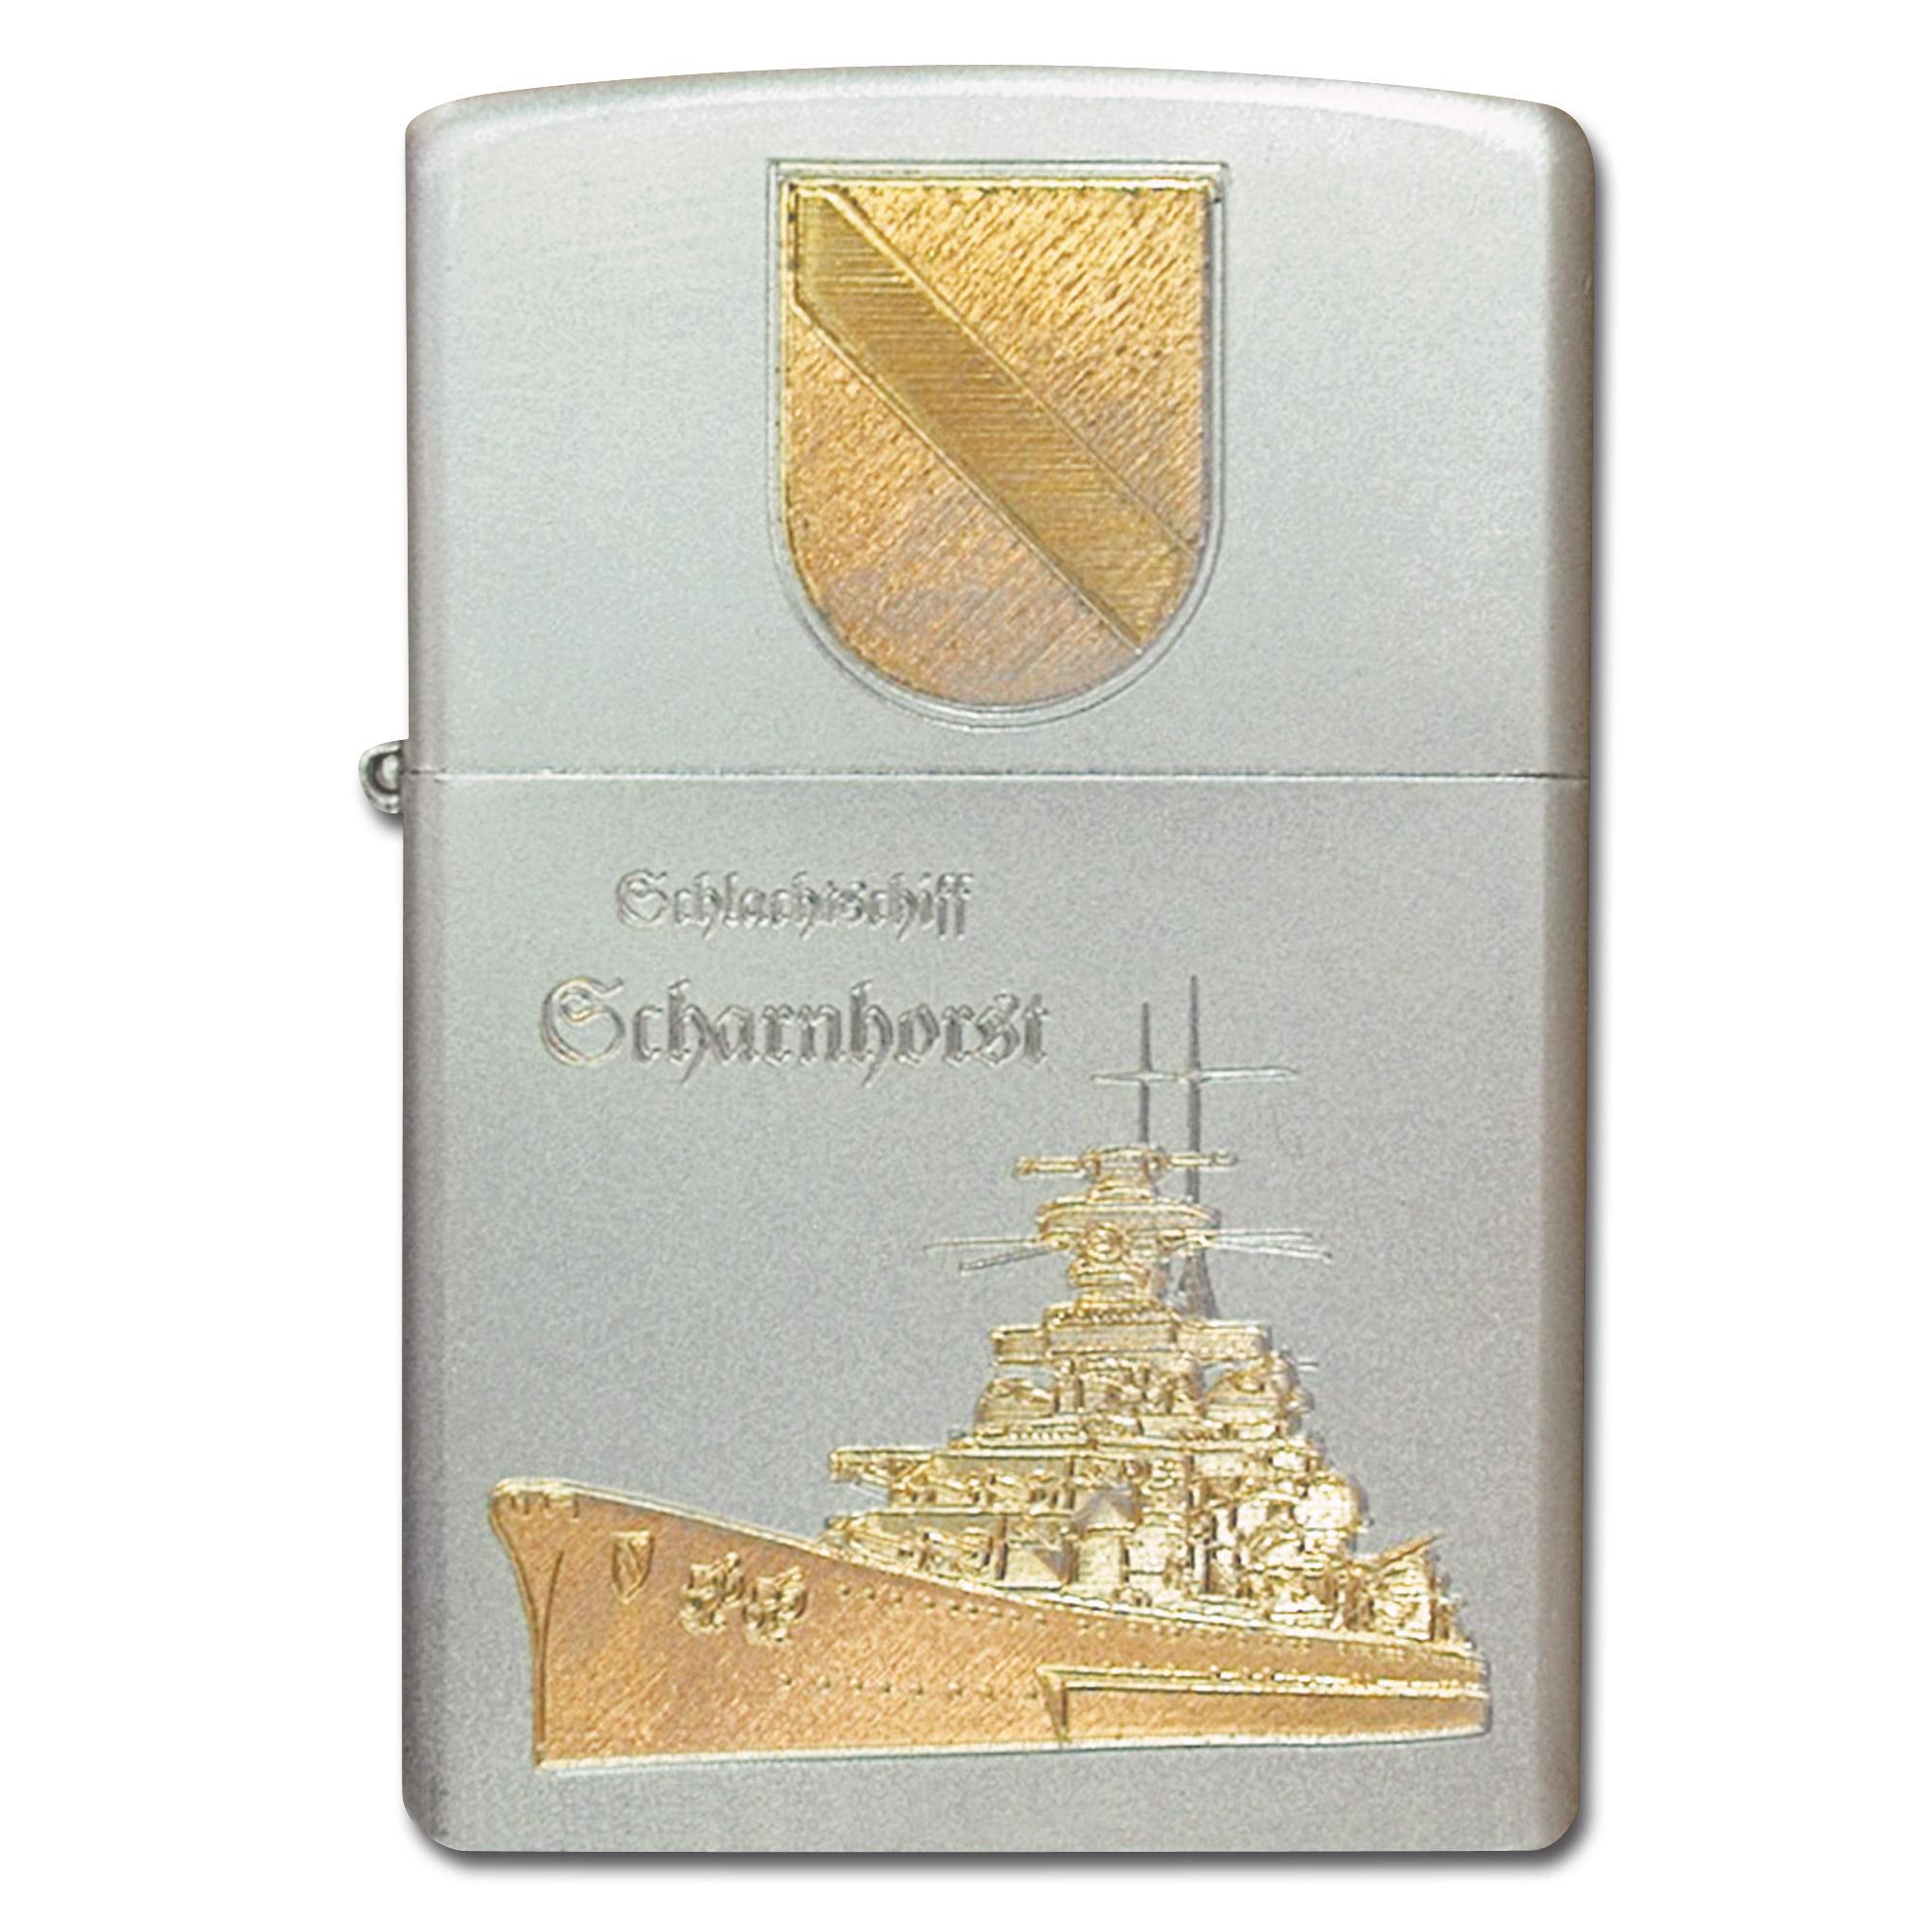 Accendino Zippo con incisione Scharnhorst